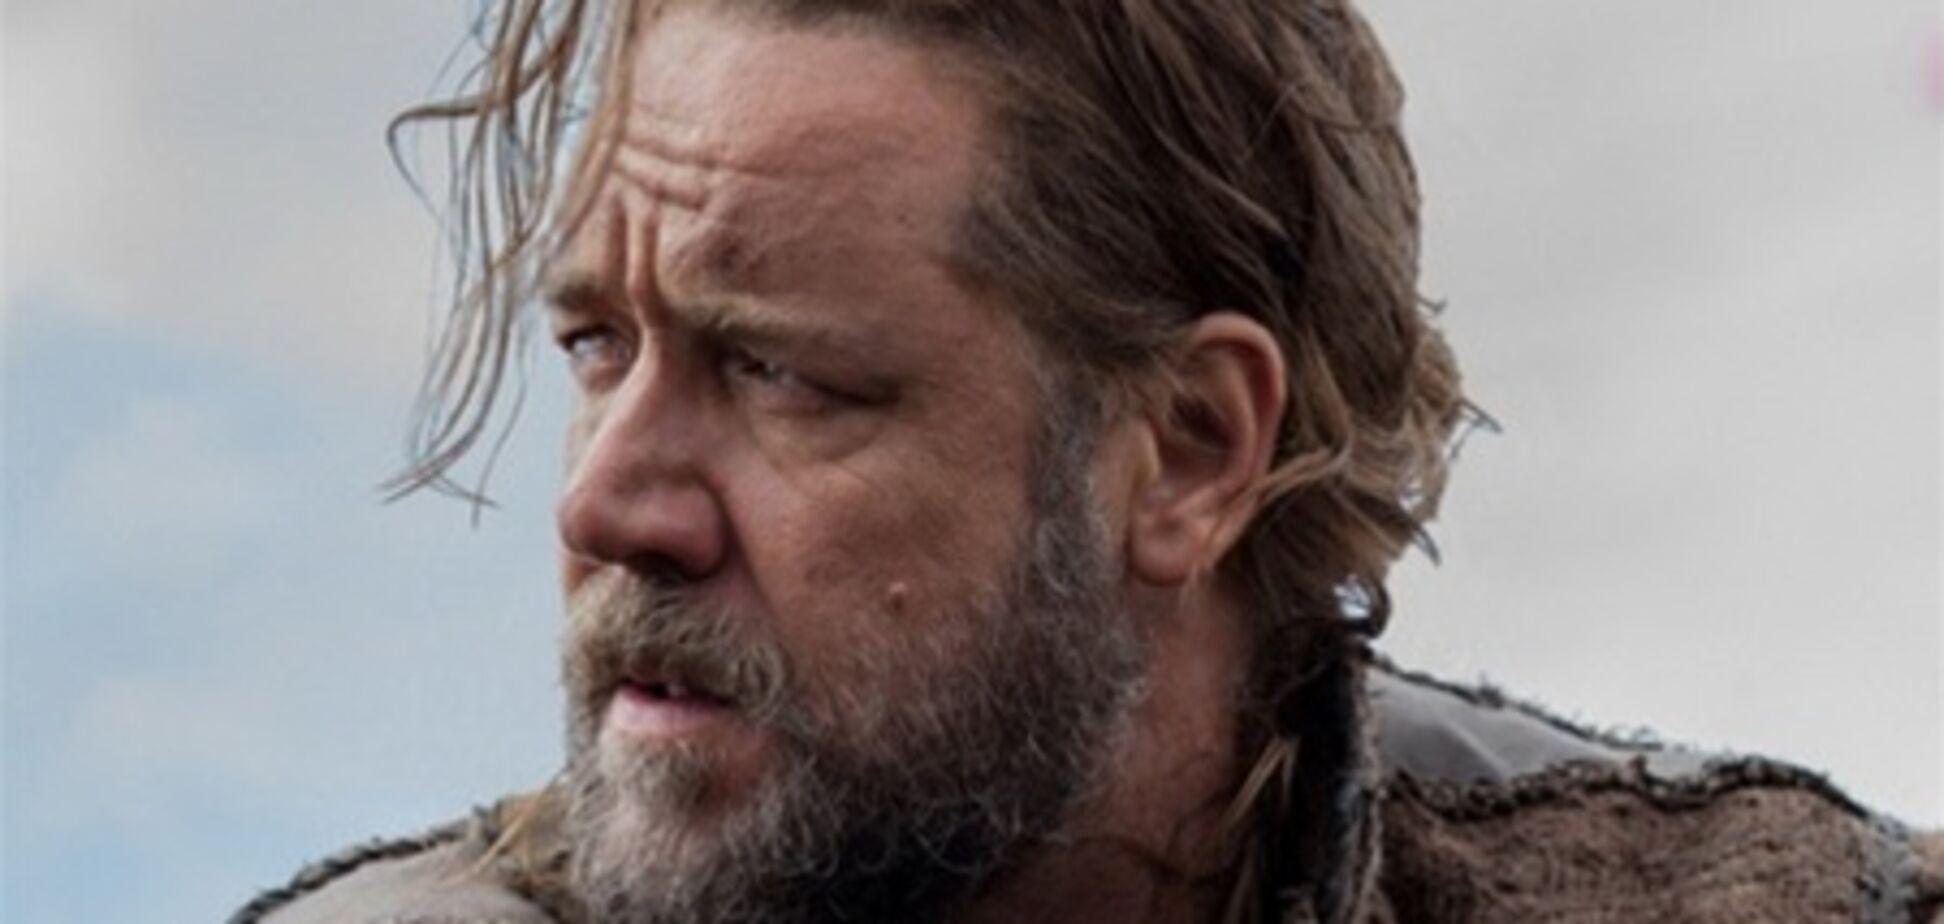 Рассел Кроу в образе Ноя: первое фото